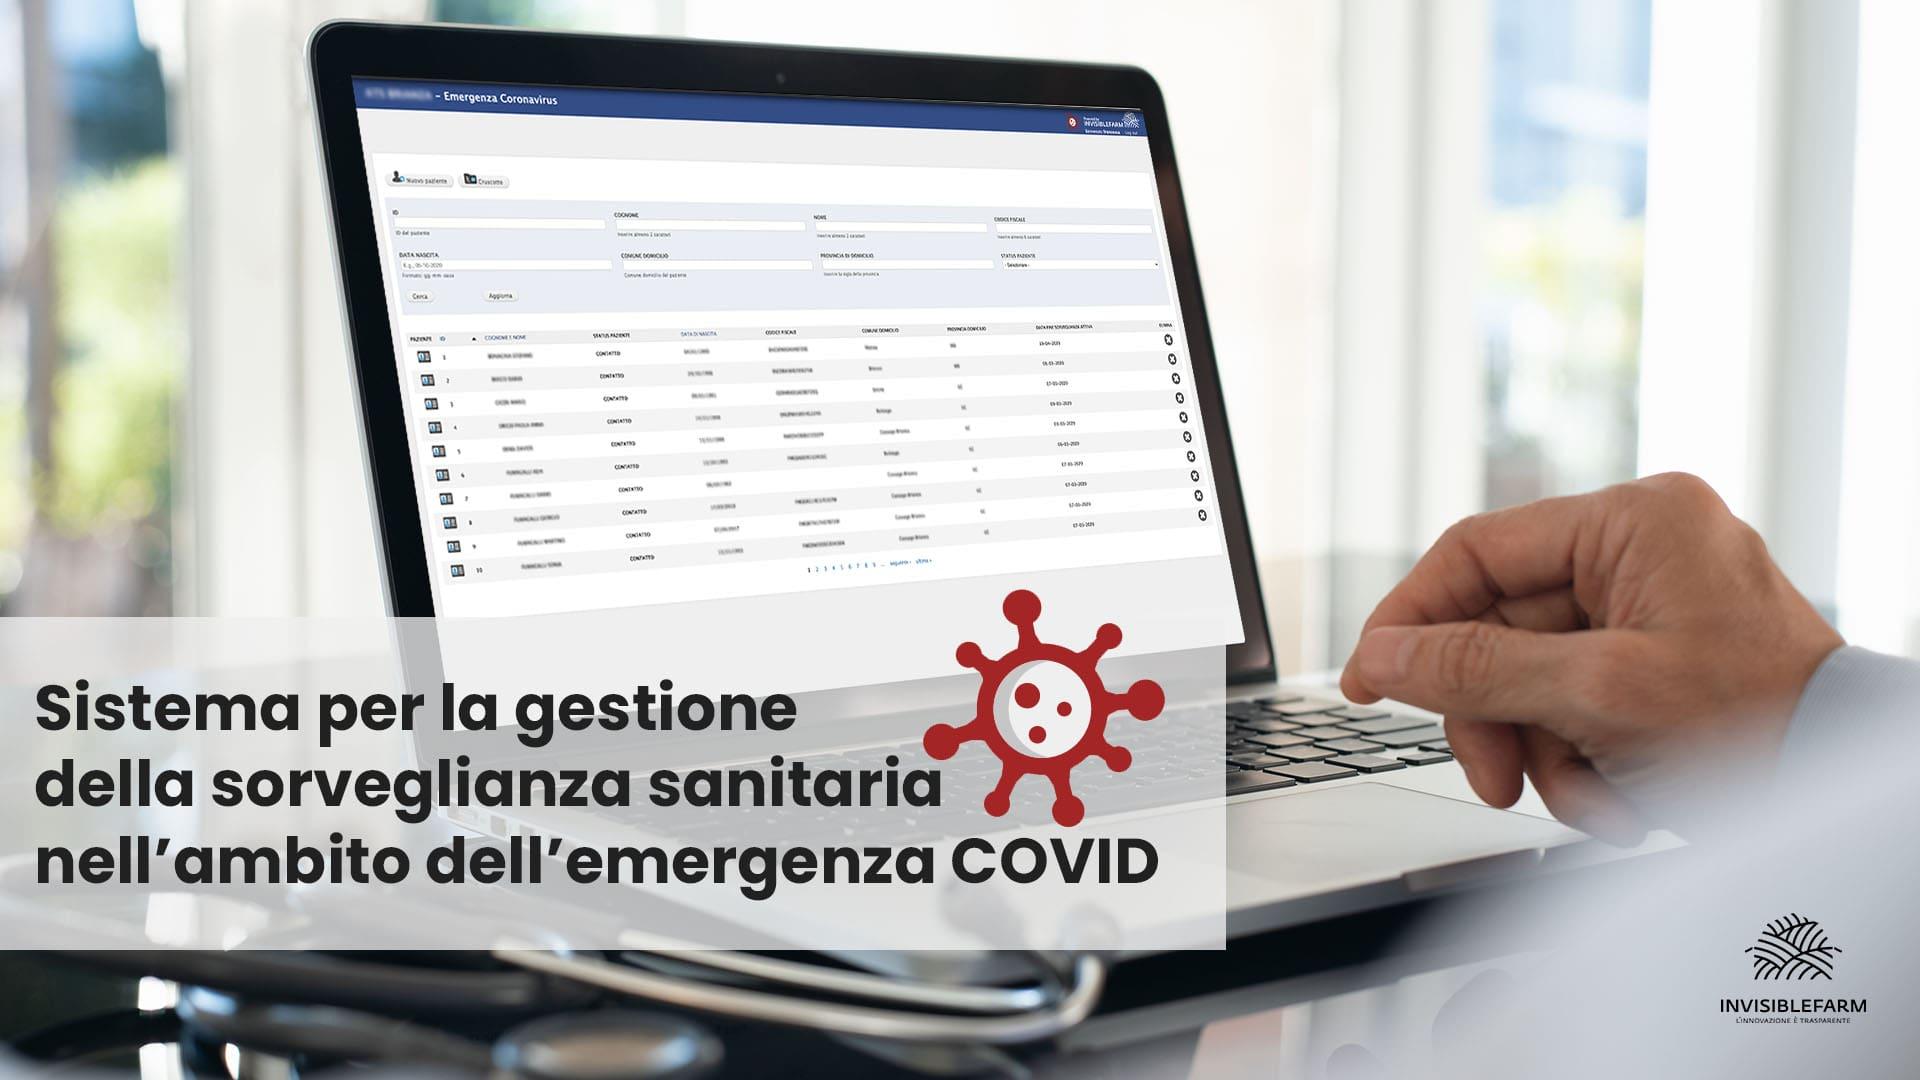 articolo sul sistema per la gestione sanitaria dell'emergenza COVID-19